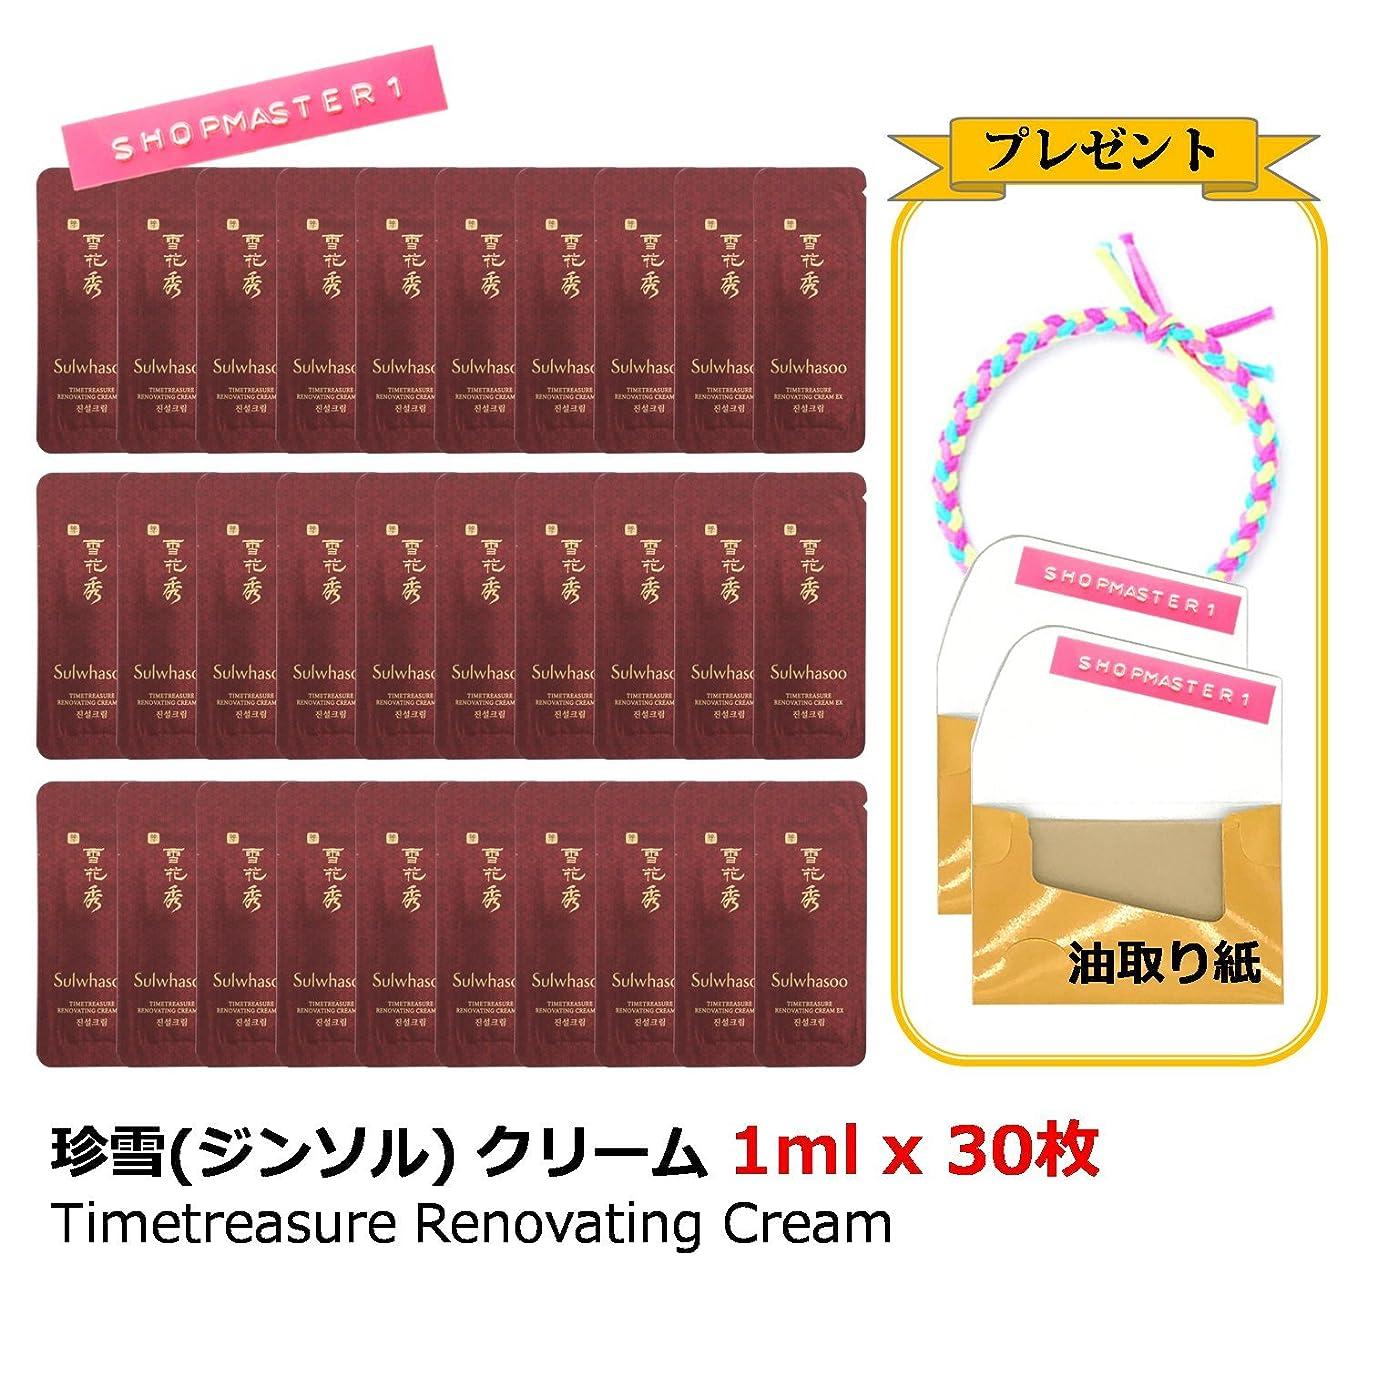 花瓶富別の【Sulwhasoo ソルファス】珍雪(ジンソル) クリーム 1ml x 30枚 Timetreasure Renovating Cream/プレゼント 油取り紙 2個(30枚ずつ)、ヘアタイ/海外直配送